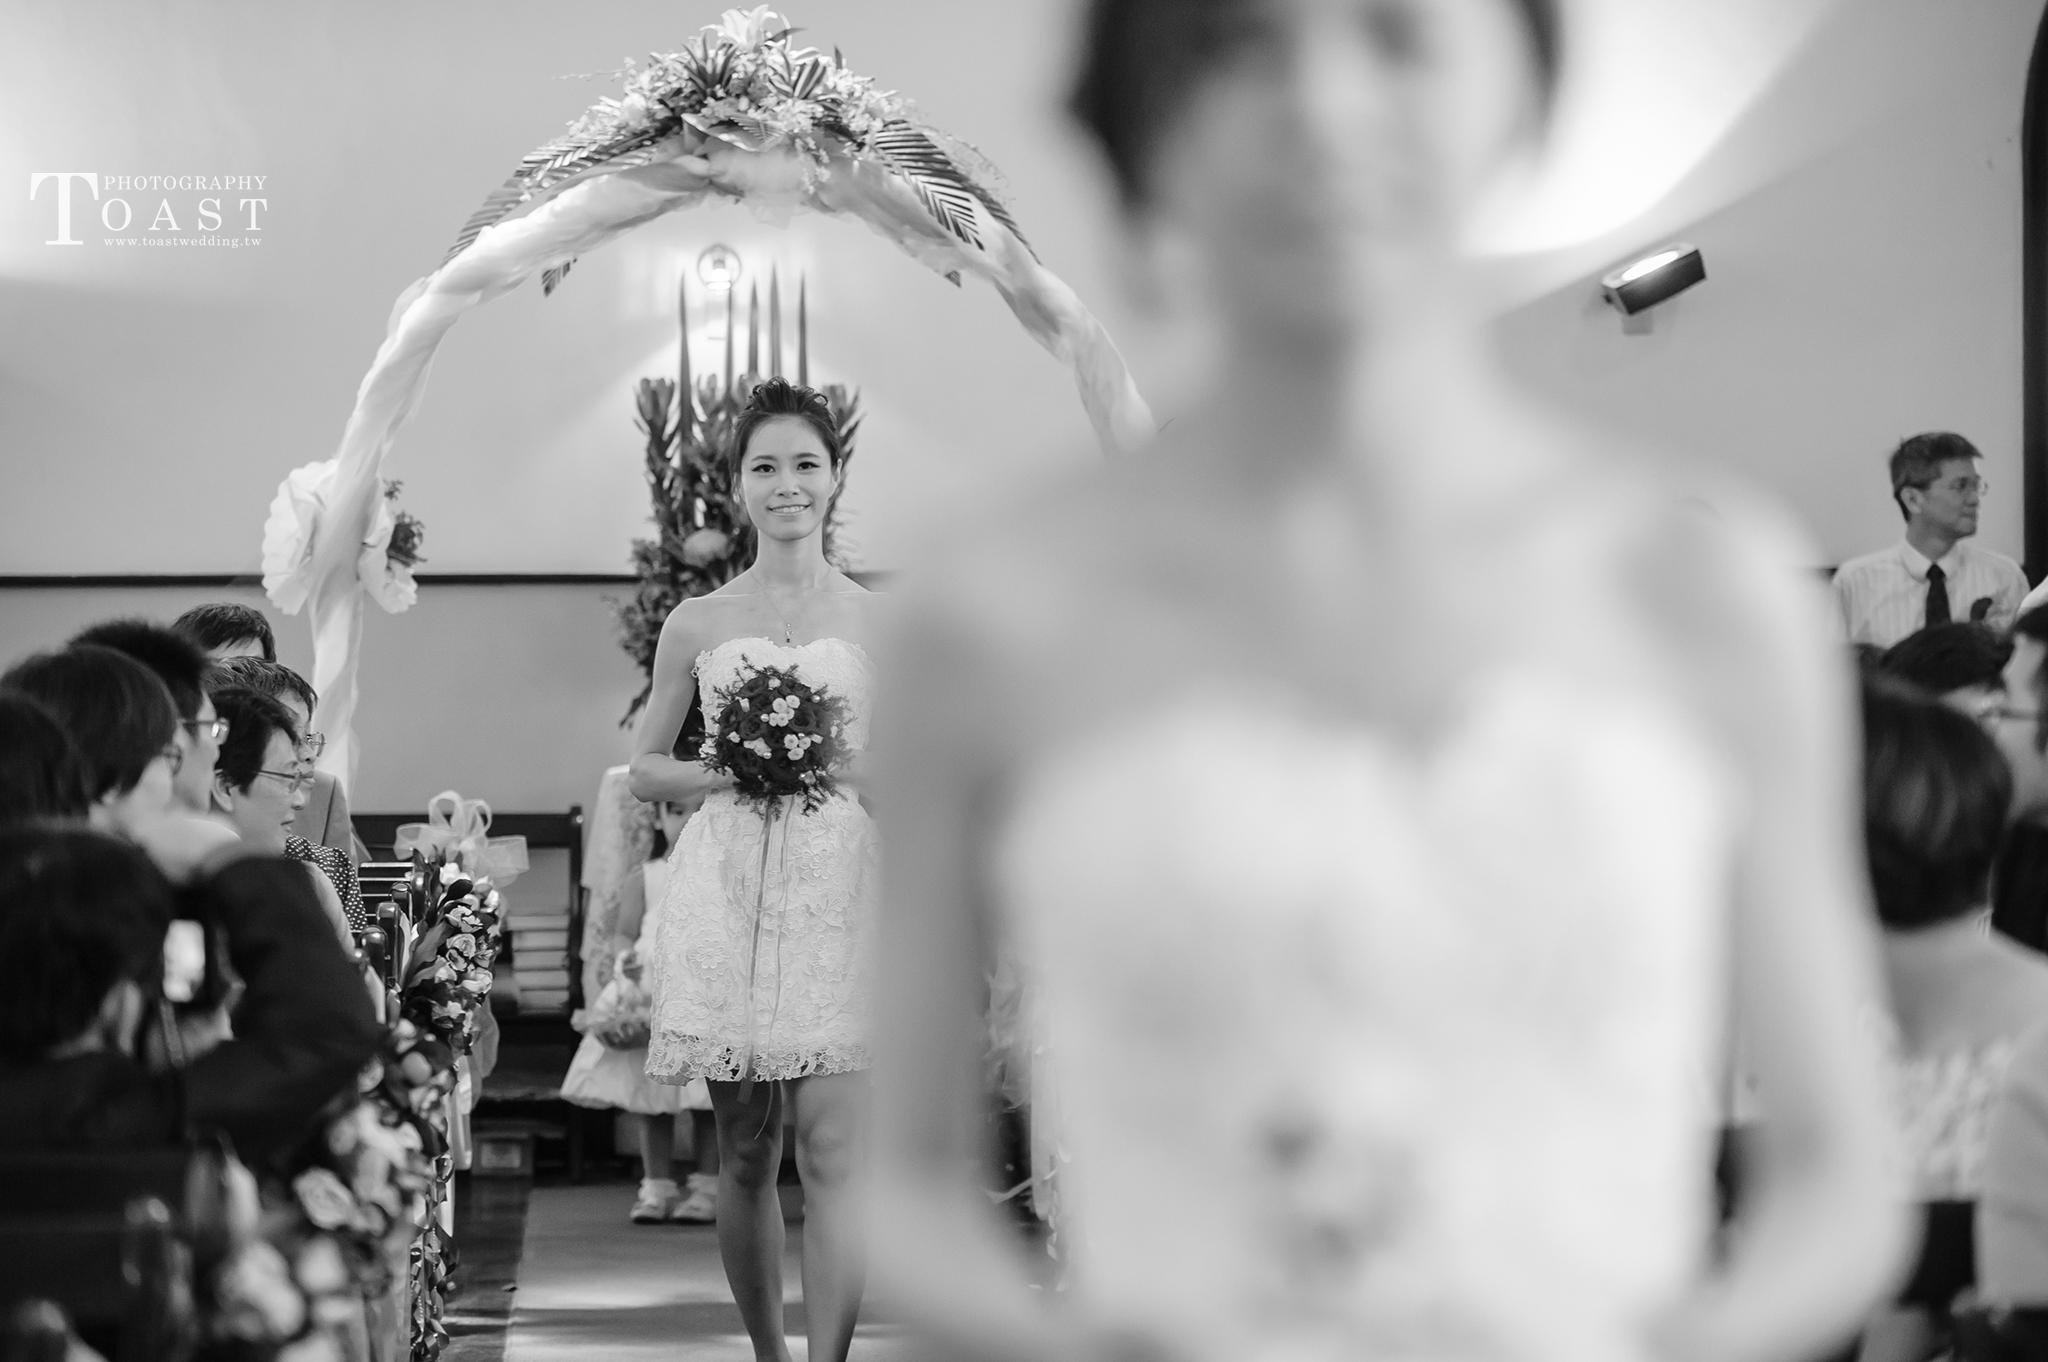 16003058325_7f9ae347b2_o-法豆影像工作室_婚攝, 婚禮攝影, 婚禮紀錄, 婚紗攝影, 自助婚紗, 婚攝推薦, 攝影棚出租, 攝影棚租借, 孕婦禮服出租, 孕婦禮服租借, CEO專業形象照, 形像照, 型像照, 型象照. 形象照團拍, 全家福, 全家福團拍, 招團, 揪團拍, 親子寫真, 家庭寫真, 抓周, 抓周團拍